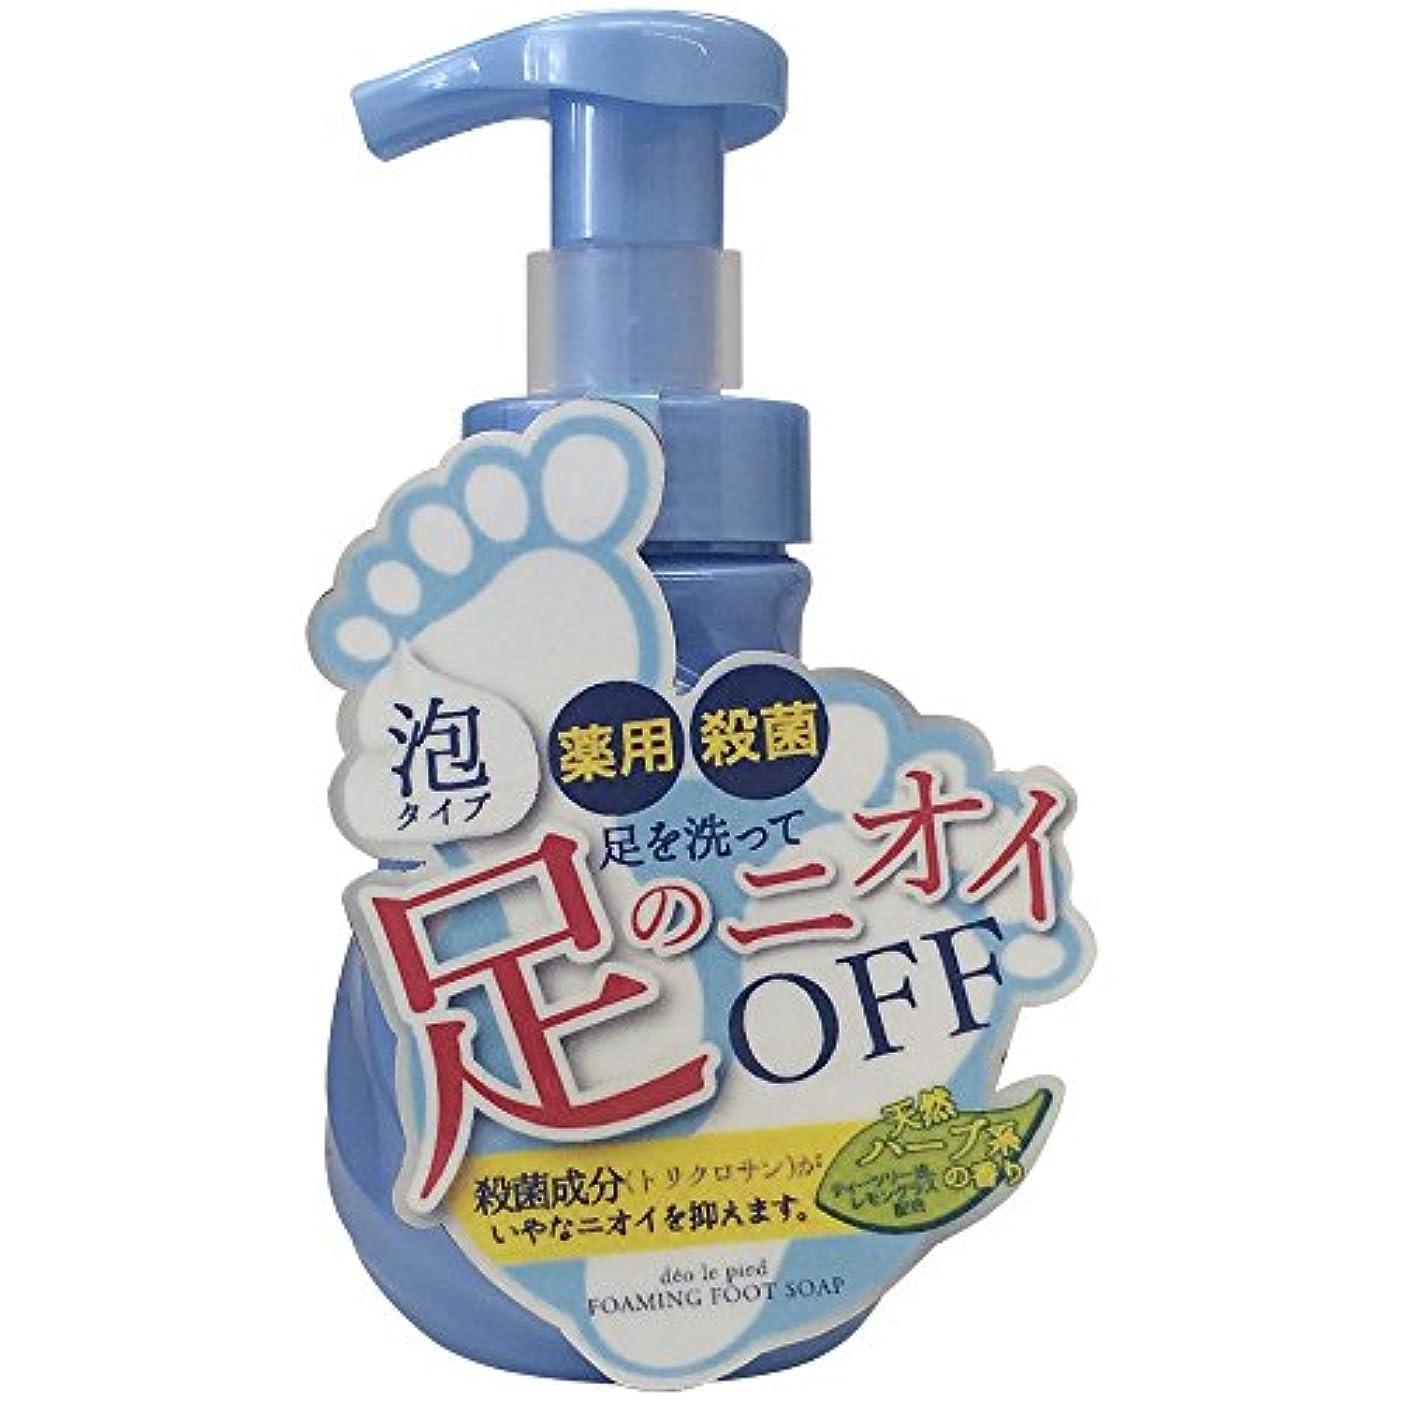 ピカリング幼児できたSOC 薬用泡フットソ-プ (220ml)